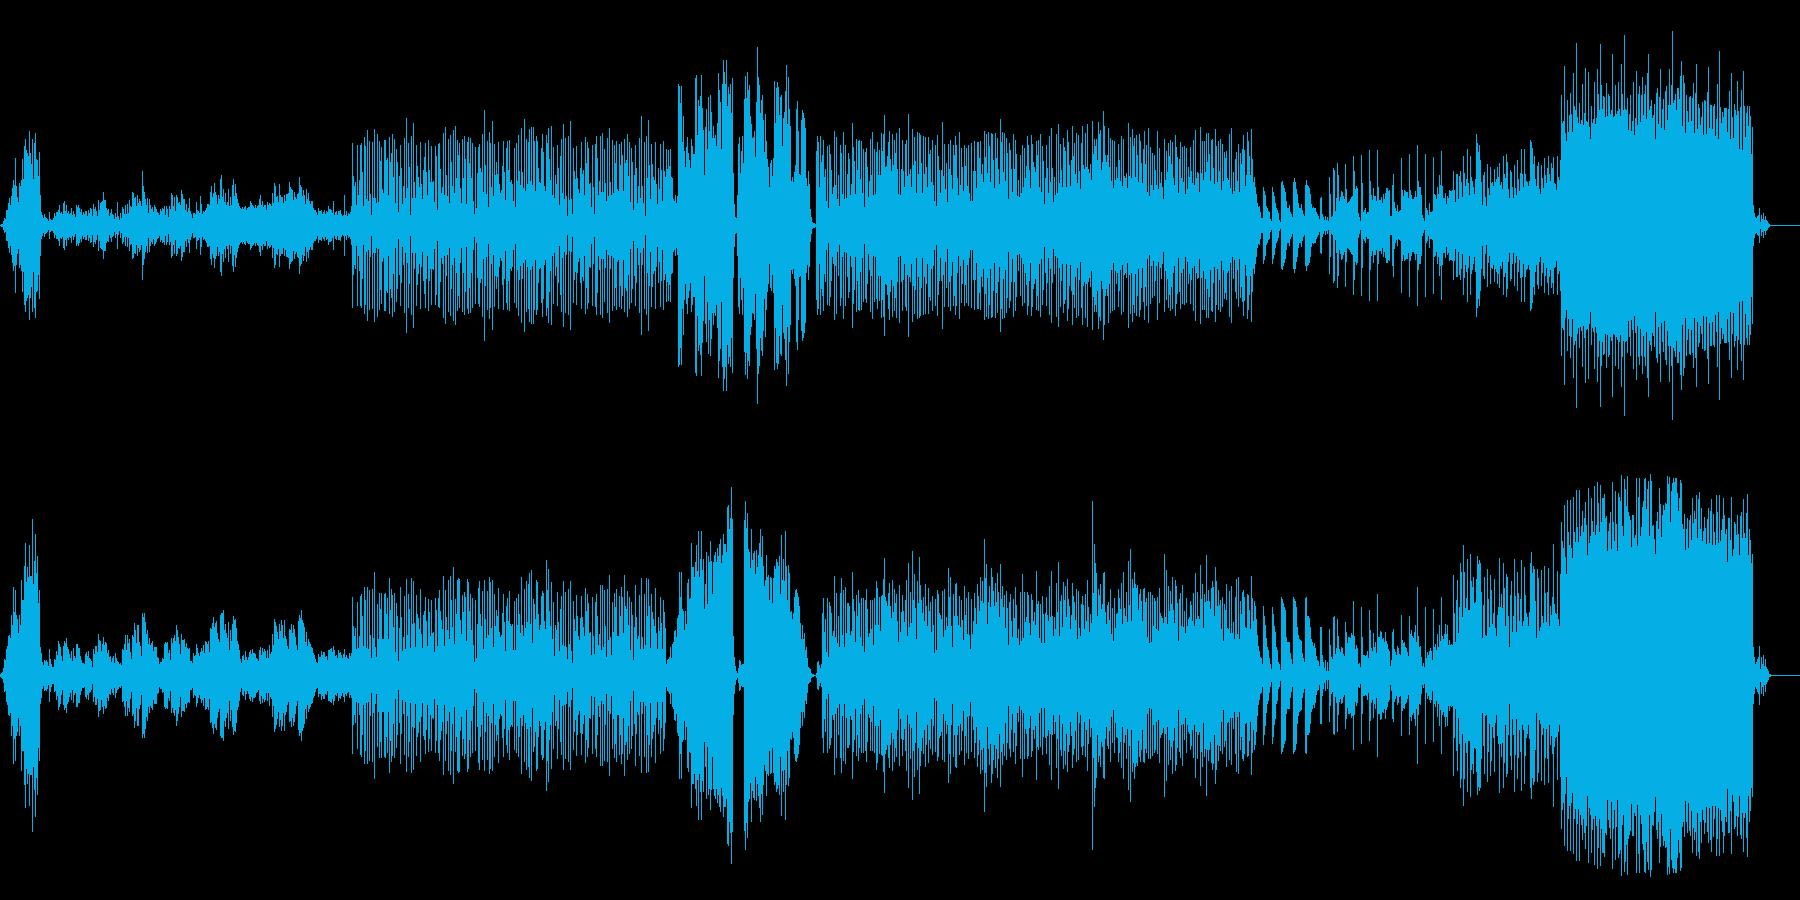 サスペンスやホラー用 怖いピアノの旋律曲の再生済みの波形